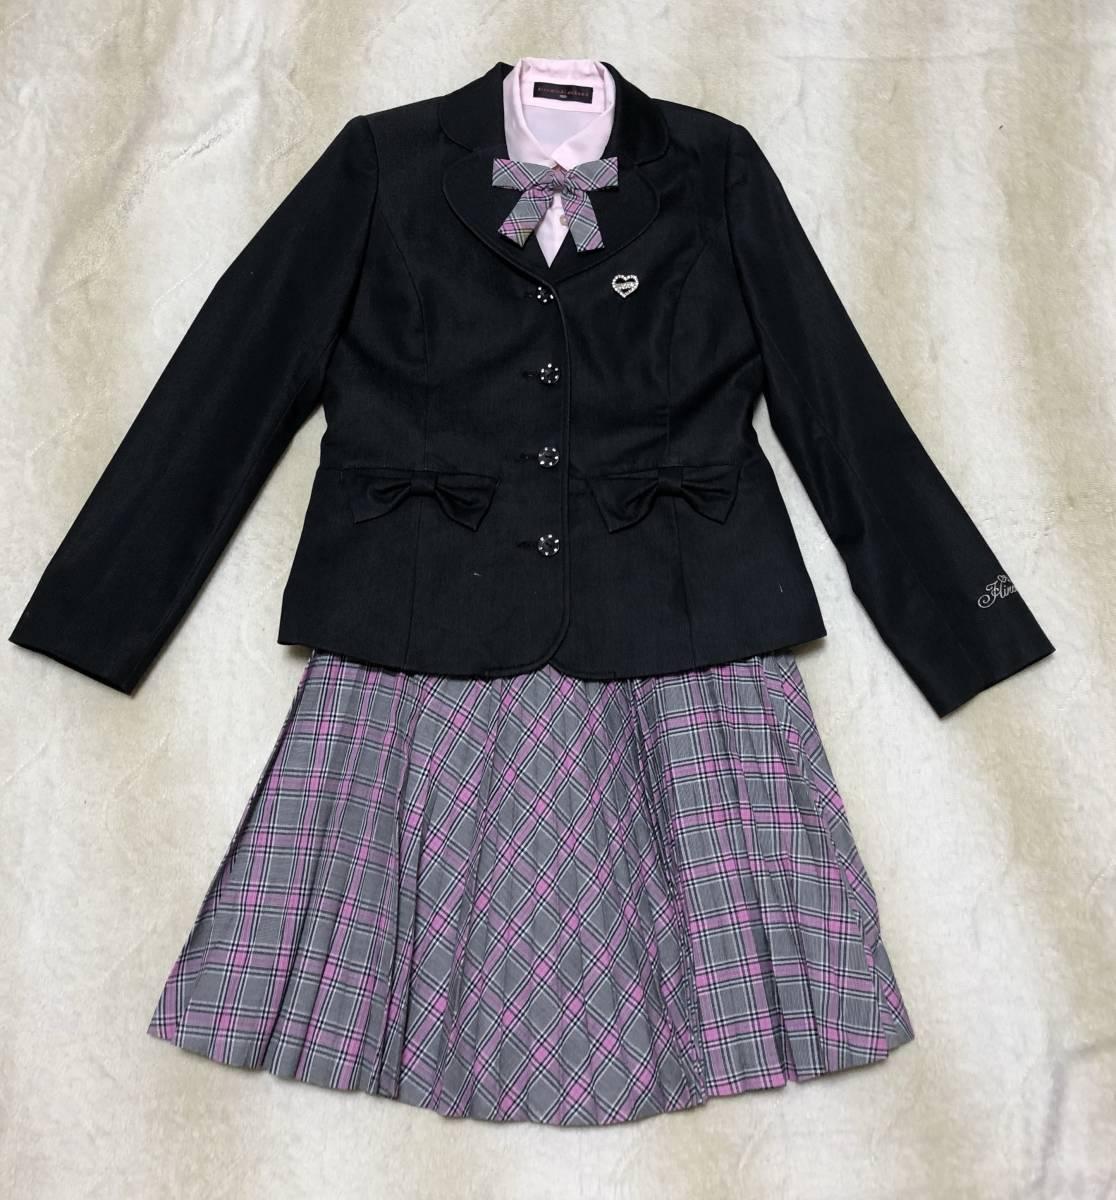 a8d935721ee8d ヒロミチナカノ☆女の子 フォーマル スーツ 4点セット 160 ジャケット スカート ブラウス リボン 卒業